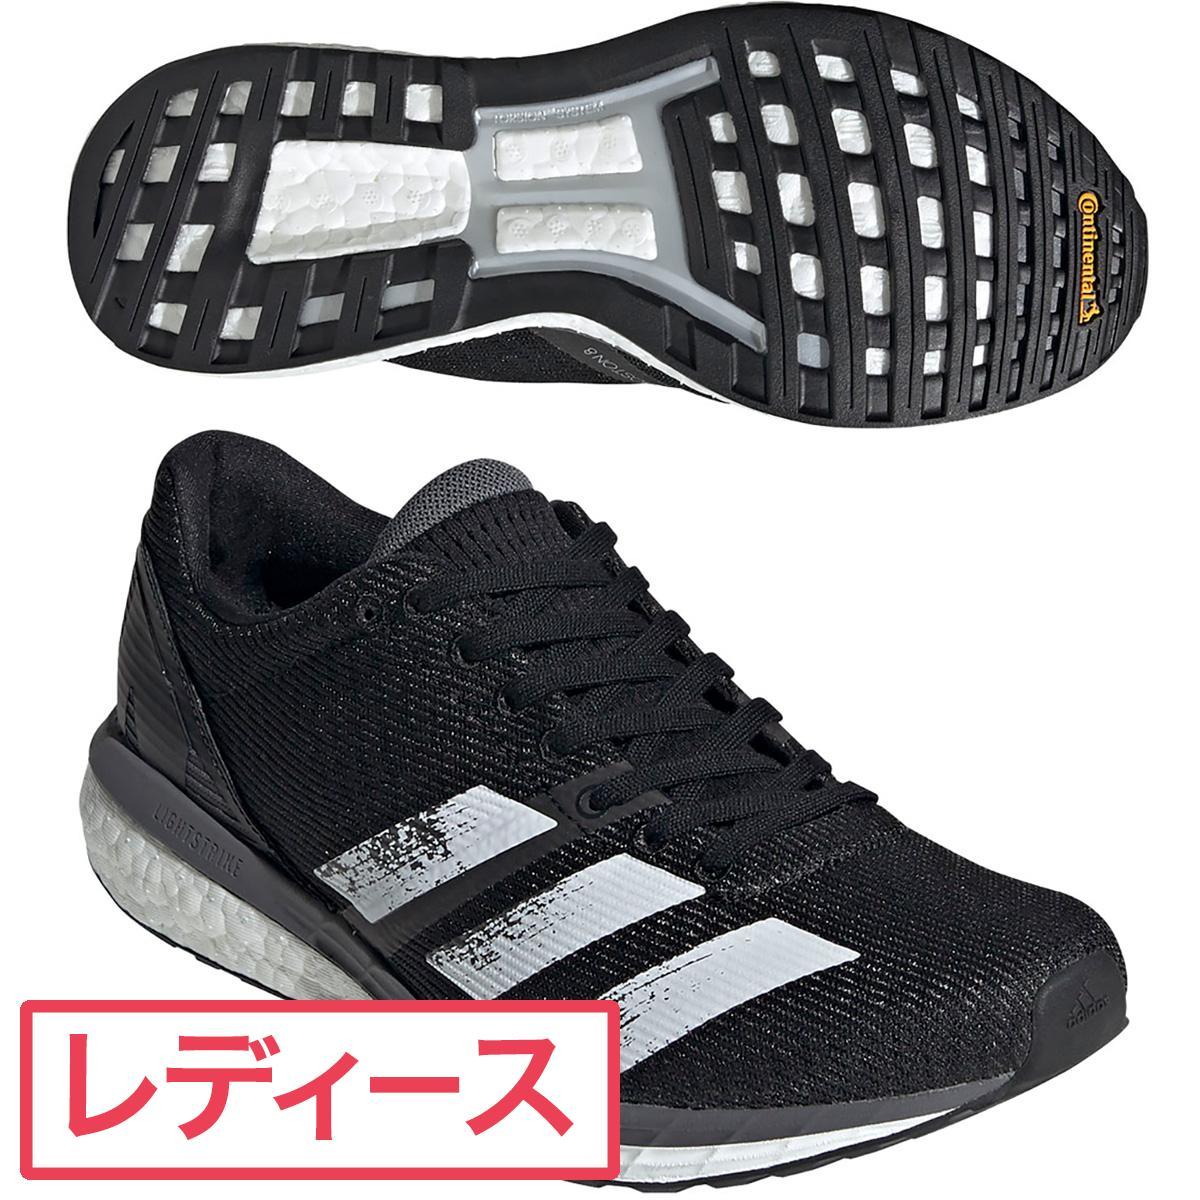 アディダス Adidas adizero Boston 8 シューズ レディス